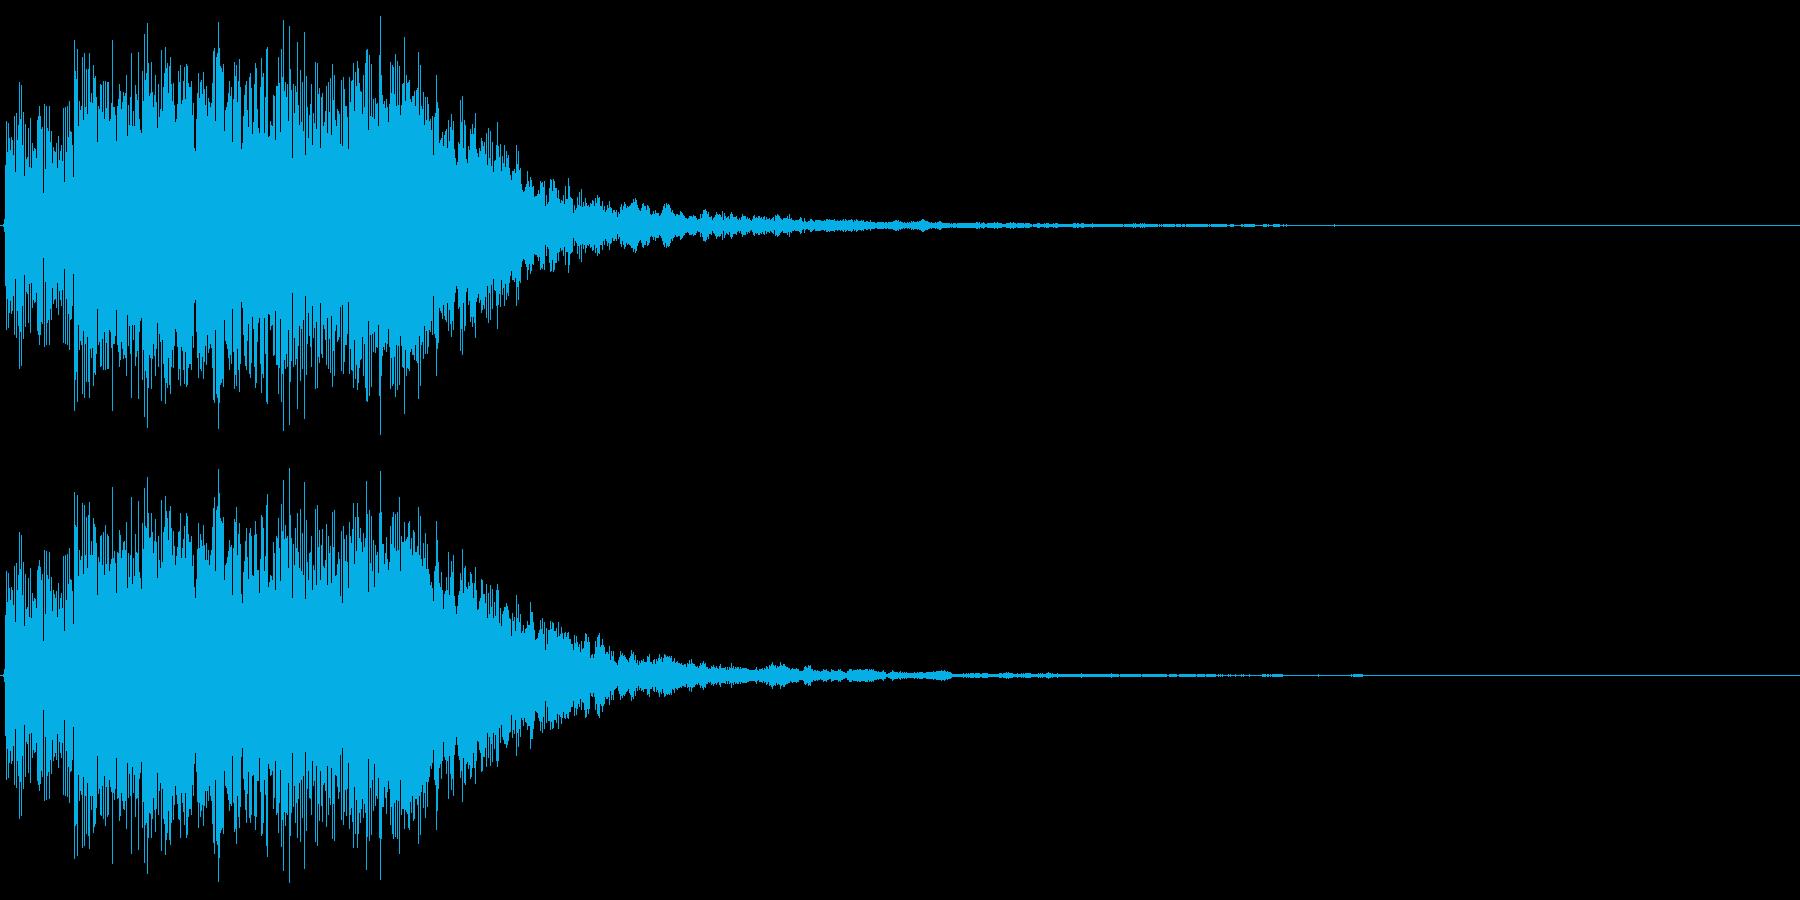 明るいアラーム音(鐘、ベル)の再生済みの波形